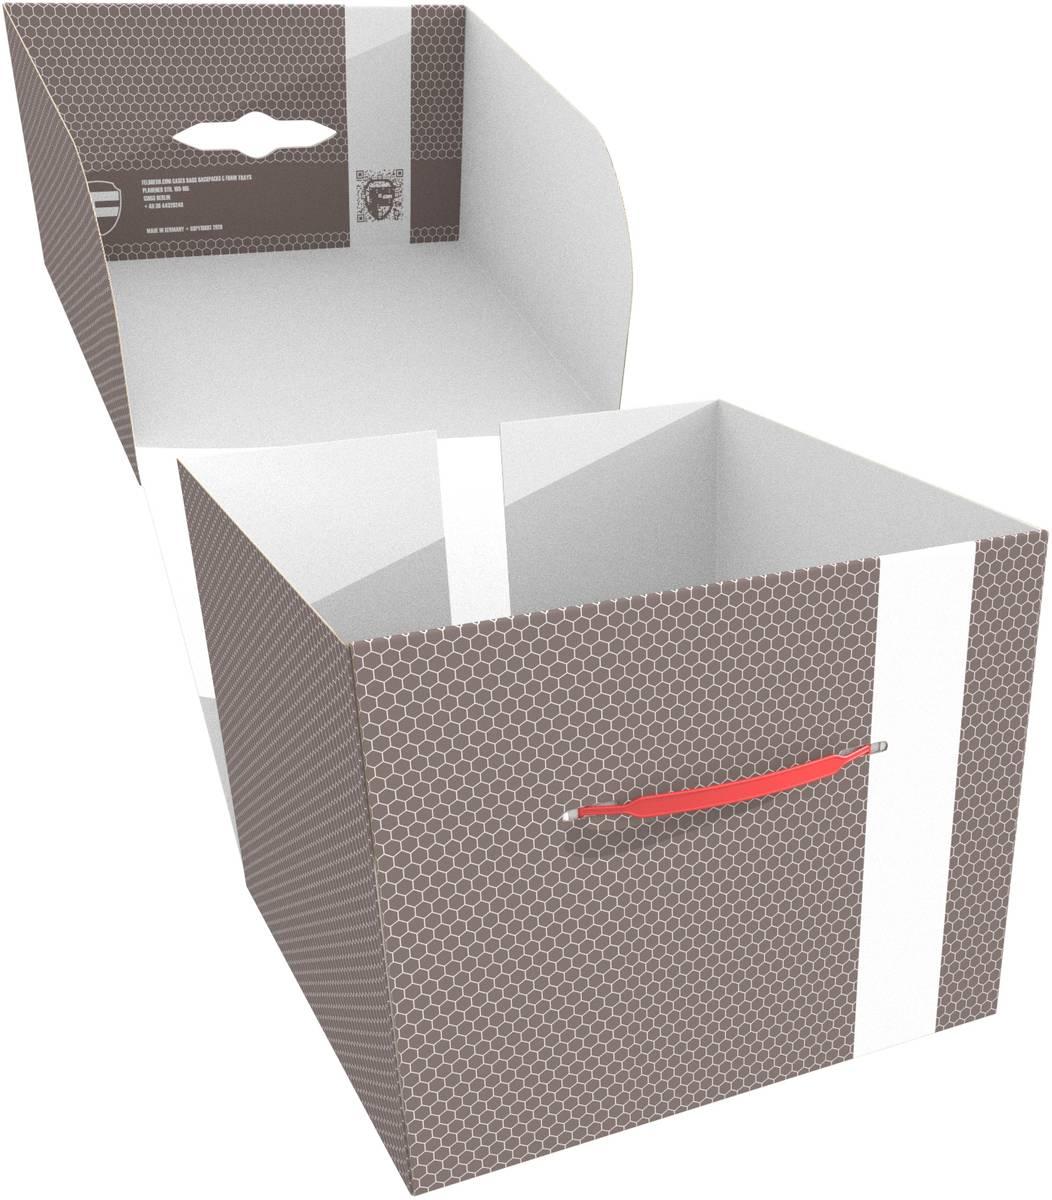 Feldherr Storage Box LBBG250 for board game foam trays - empty